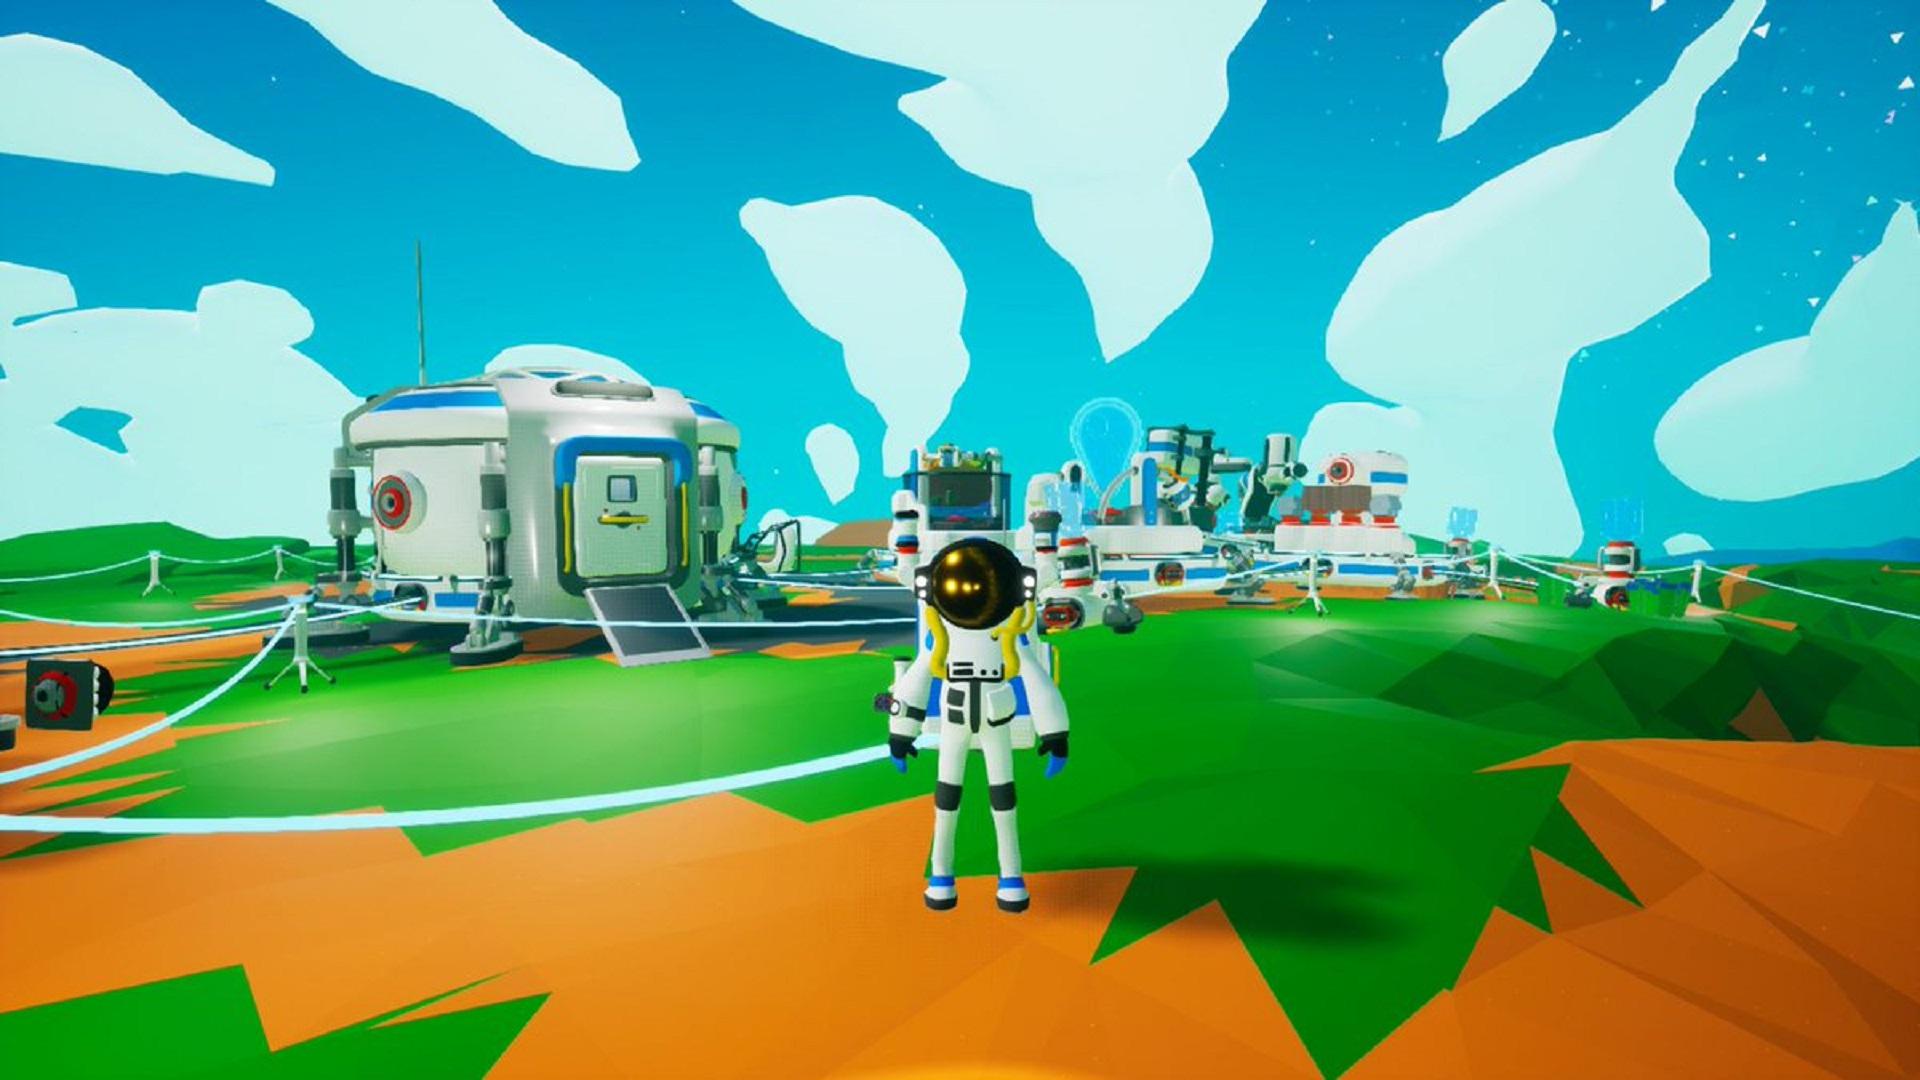 Survival game Astroneer swaps alien terror for homesickness